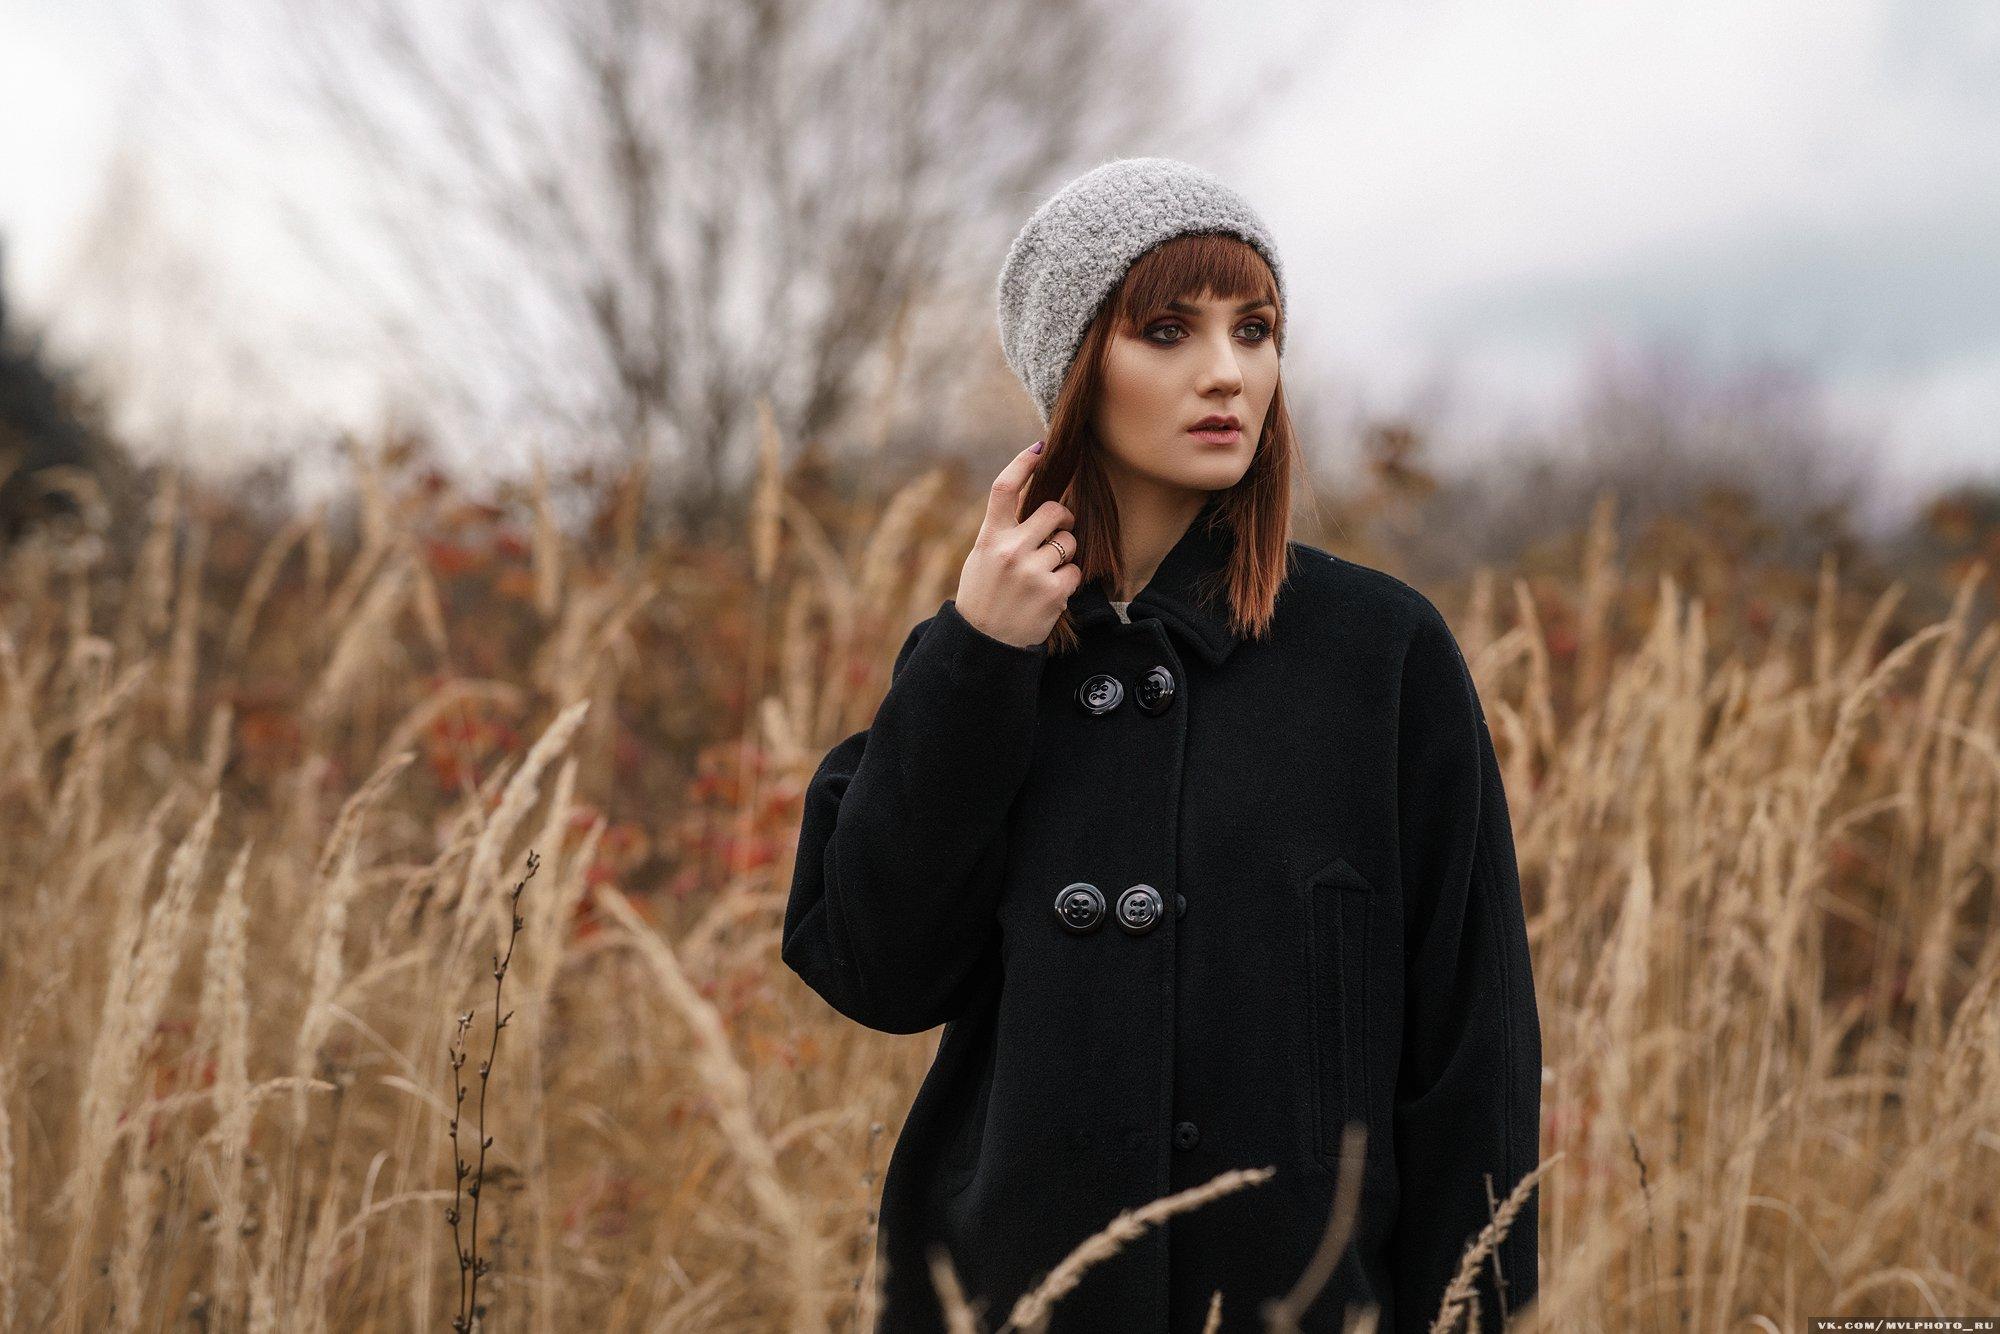 осень, поле, пальто, рыжая, девушка, трава, Вадим Миронов